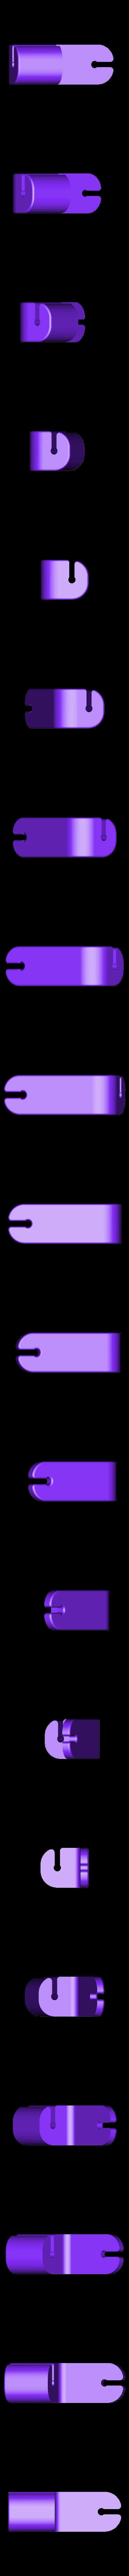 servo_push_rod_securing_clamp.stl Télécharger fichier STL gratuit Pince de fixation pour biellette de commande • Design à imprimer en 3D, cavern